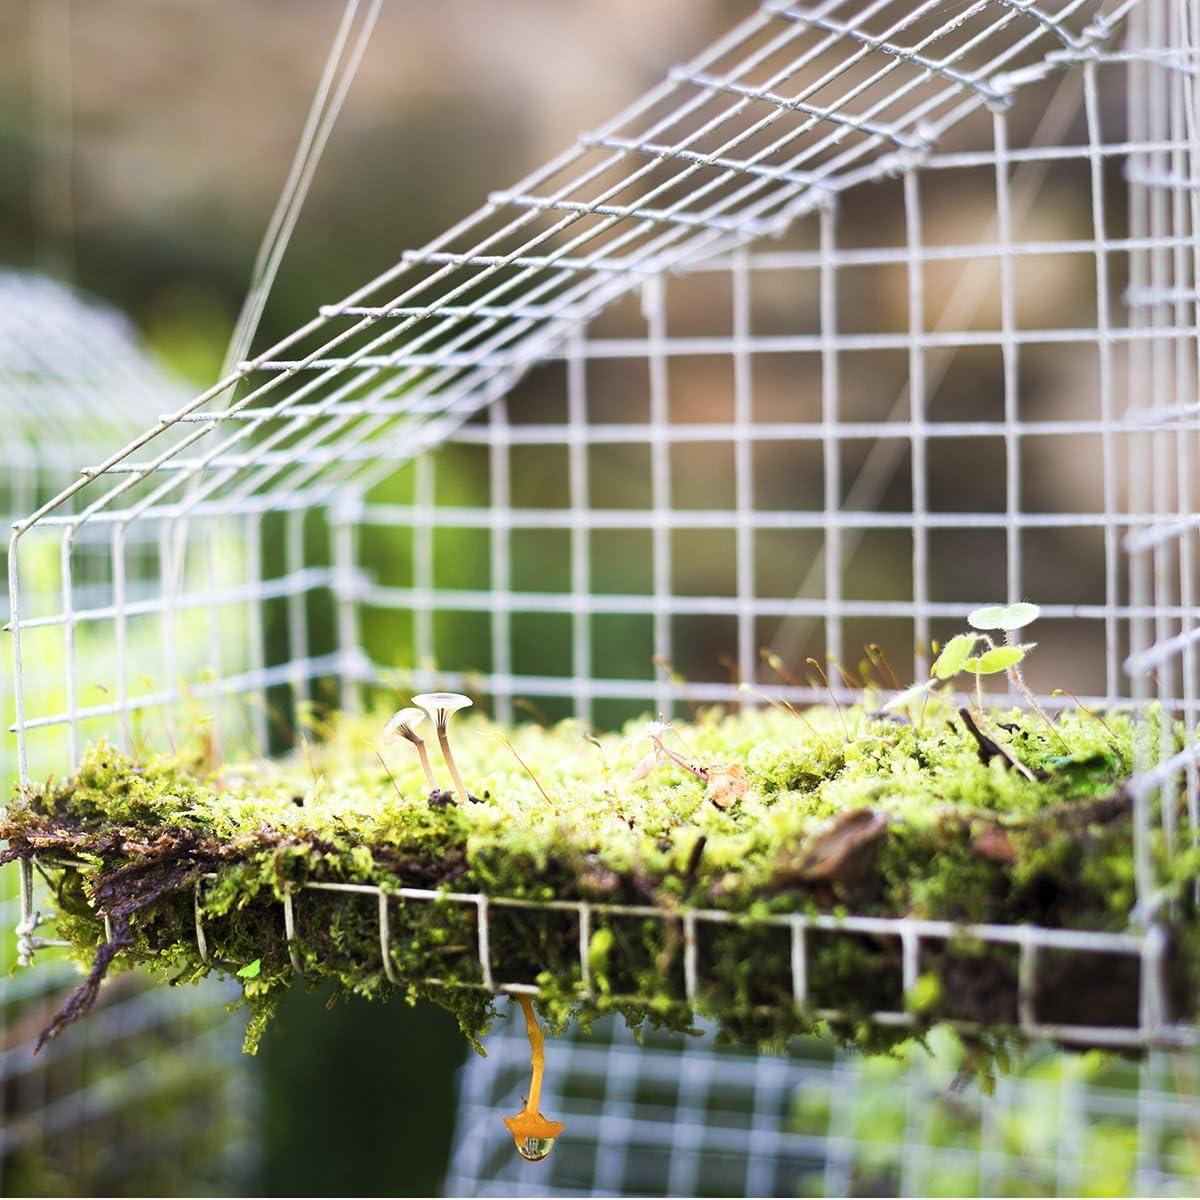 Goplus 48'' x 50' Hardware Cloth, 1/2 inch Welded Cage Wire Galvanized Hardware Cloth Metal Mesh Chicken Netting Rabbit Fence Wire Window - -